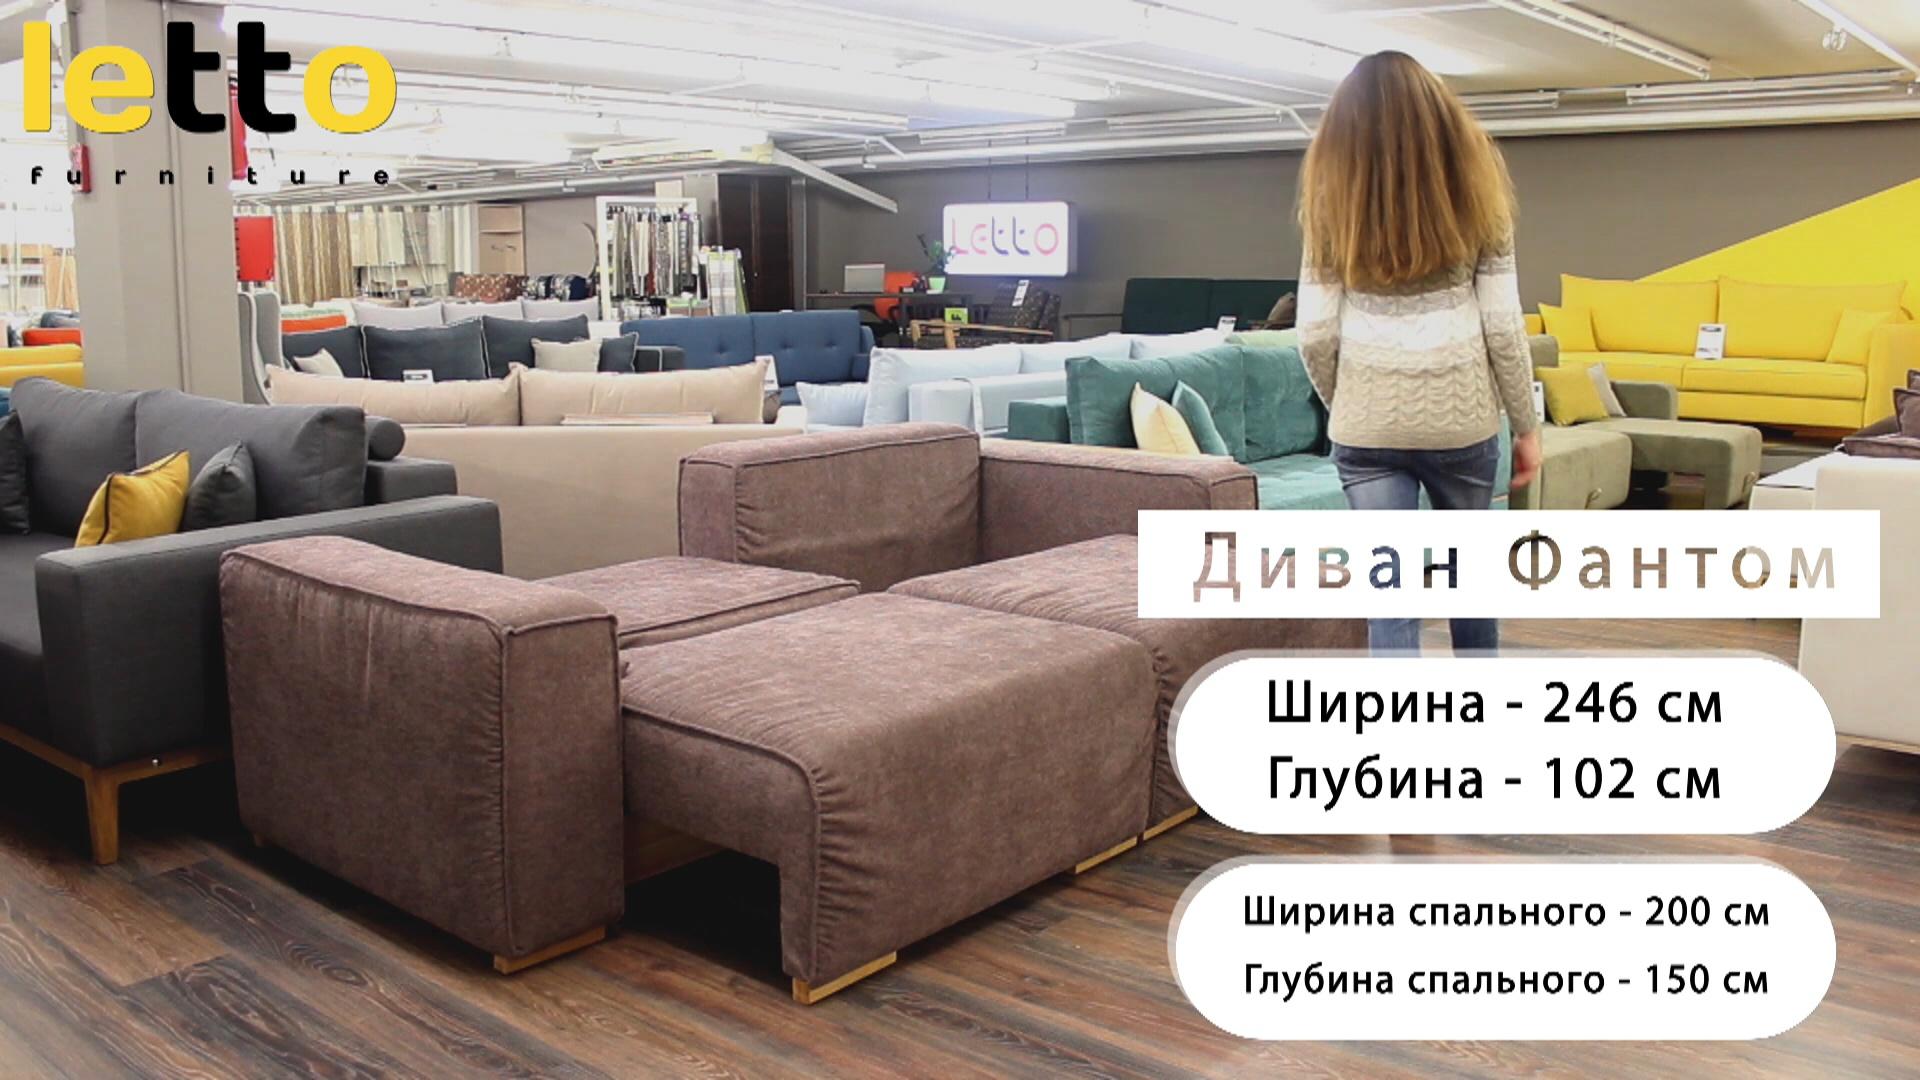 Обзор дивана, срочный монтаж по запросу